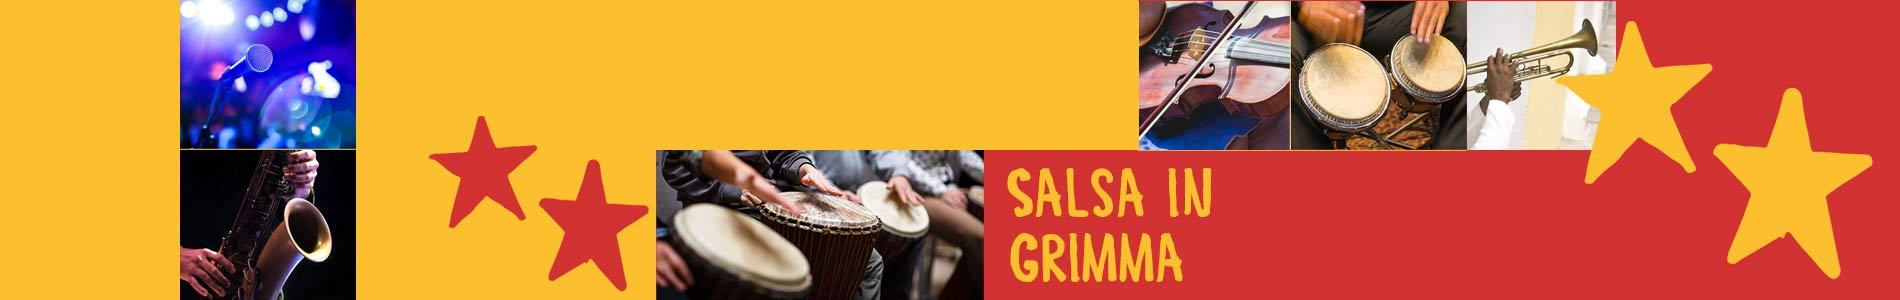 Salsa in Grimma – Salsa lernen und tanzen, Tanzkurse, Partys, Veranstaltungen